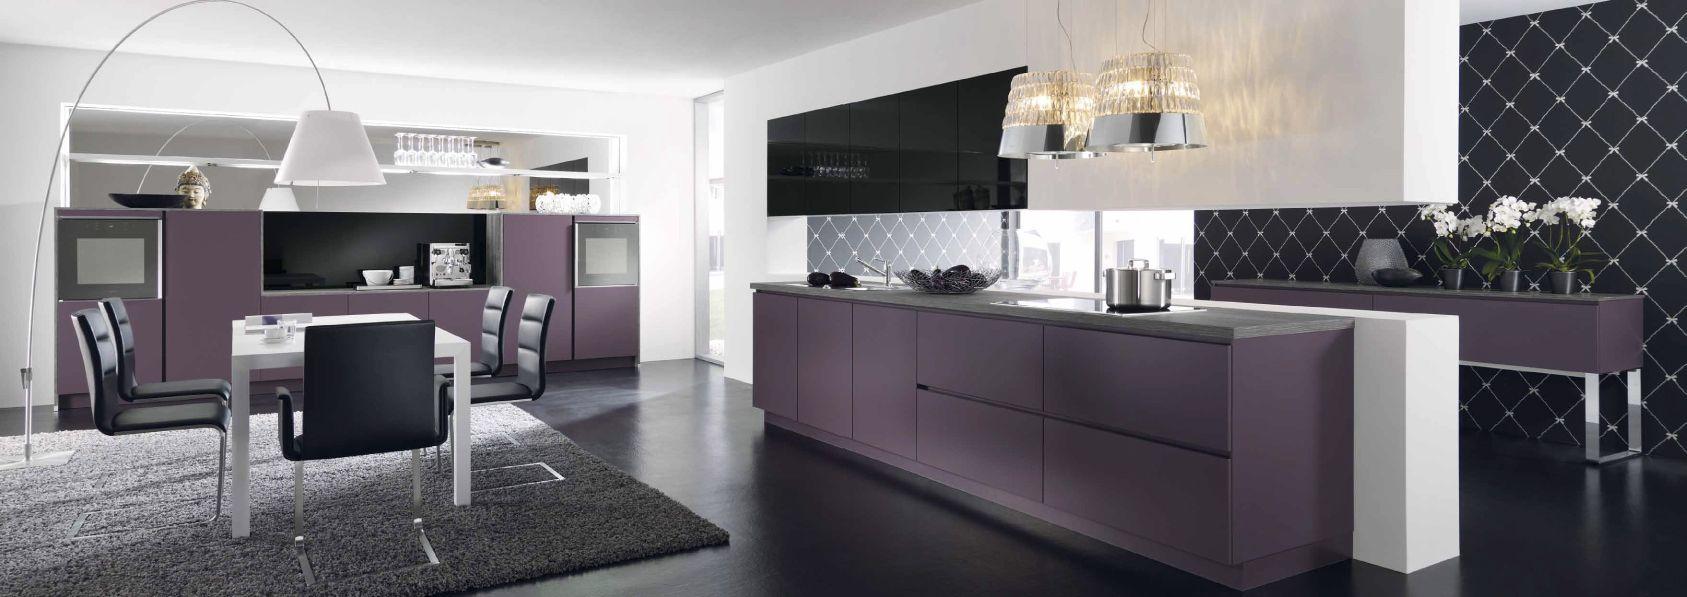 DesignerKüche von Alno Einbauküche, Küchendesign